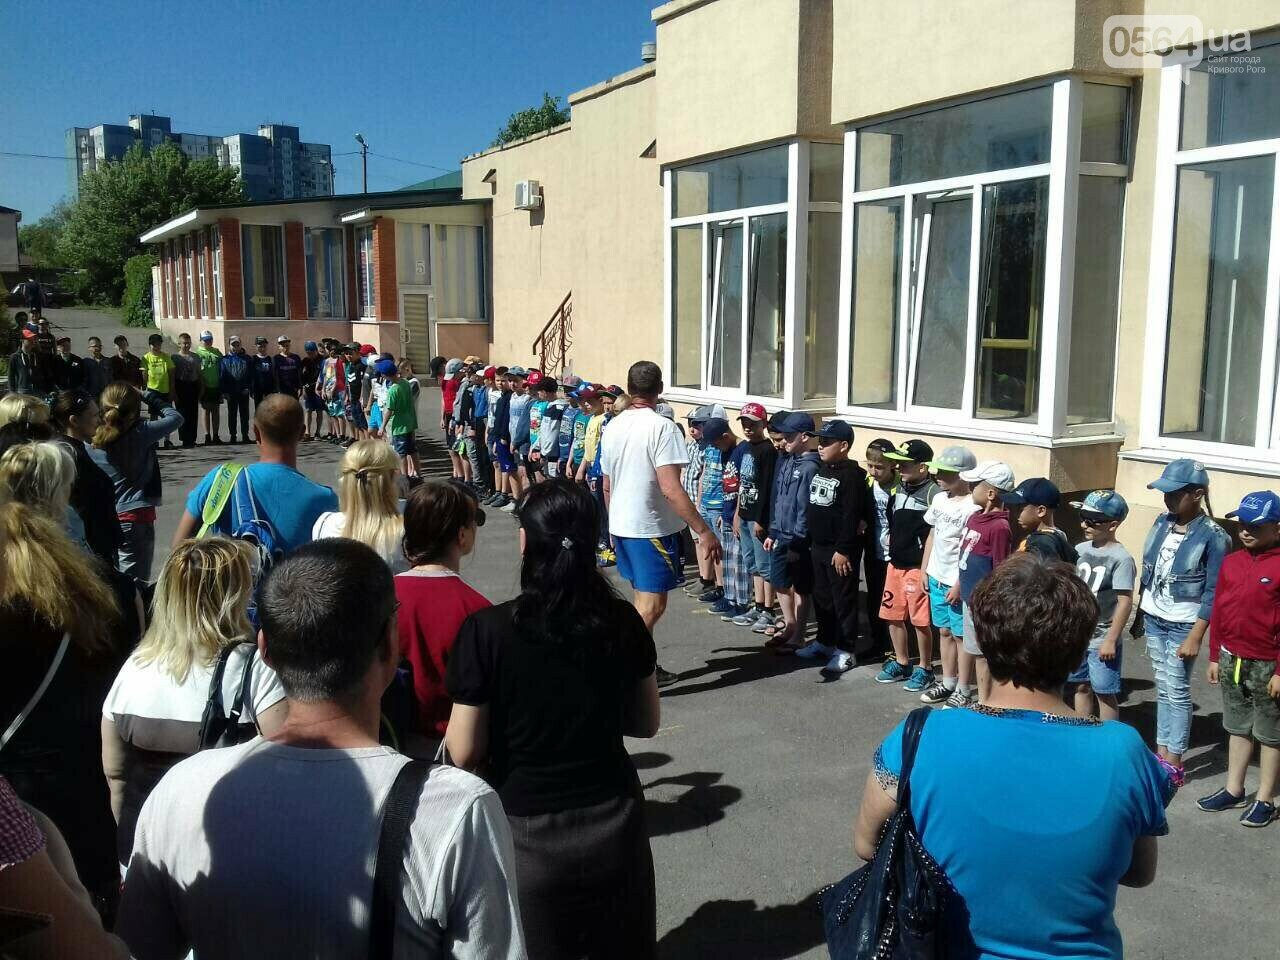 Юные криворожские спортсмены открыли летний сезон в спортивном лагере, - ФОТО, фото-2